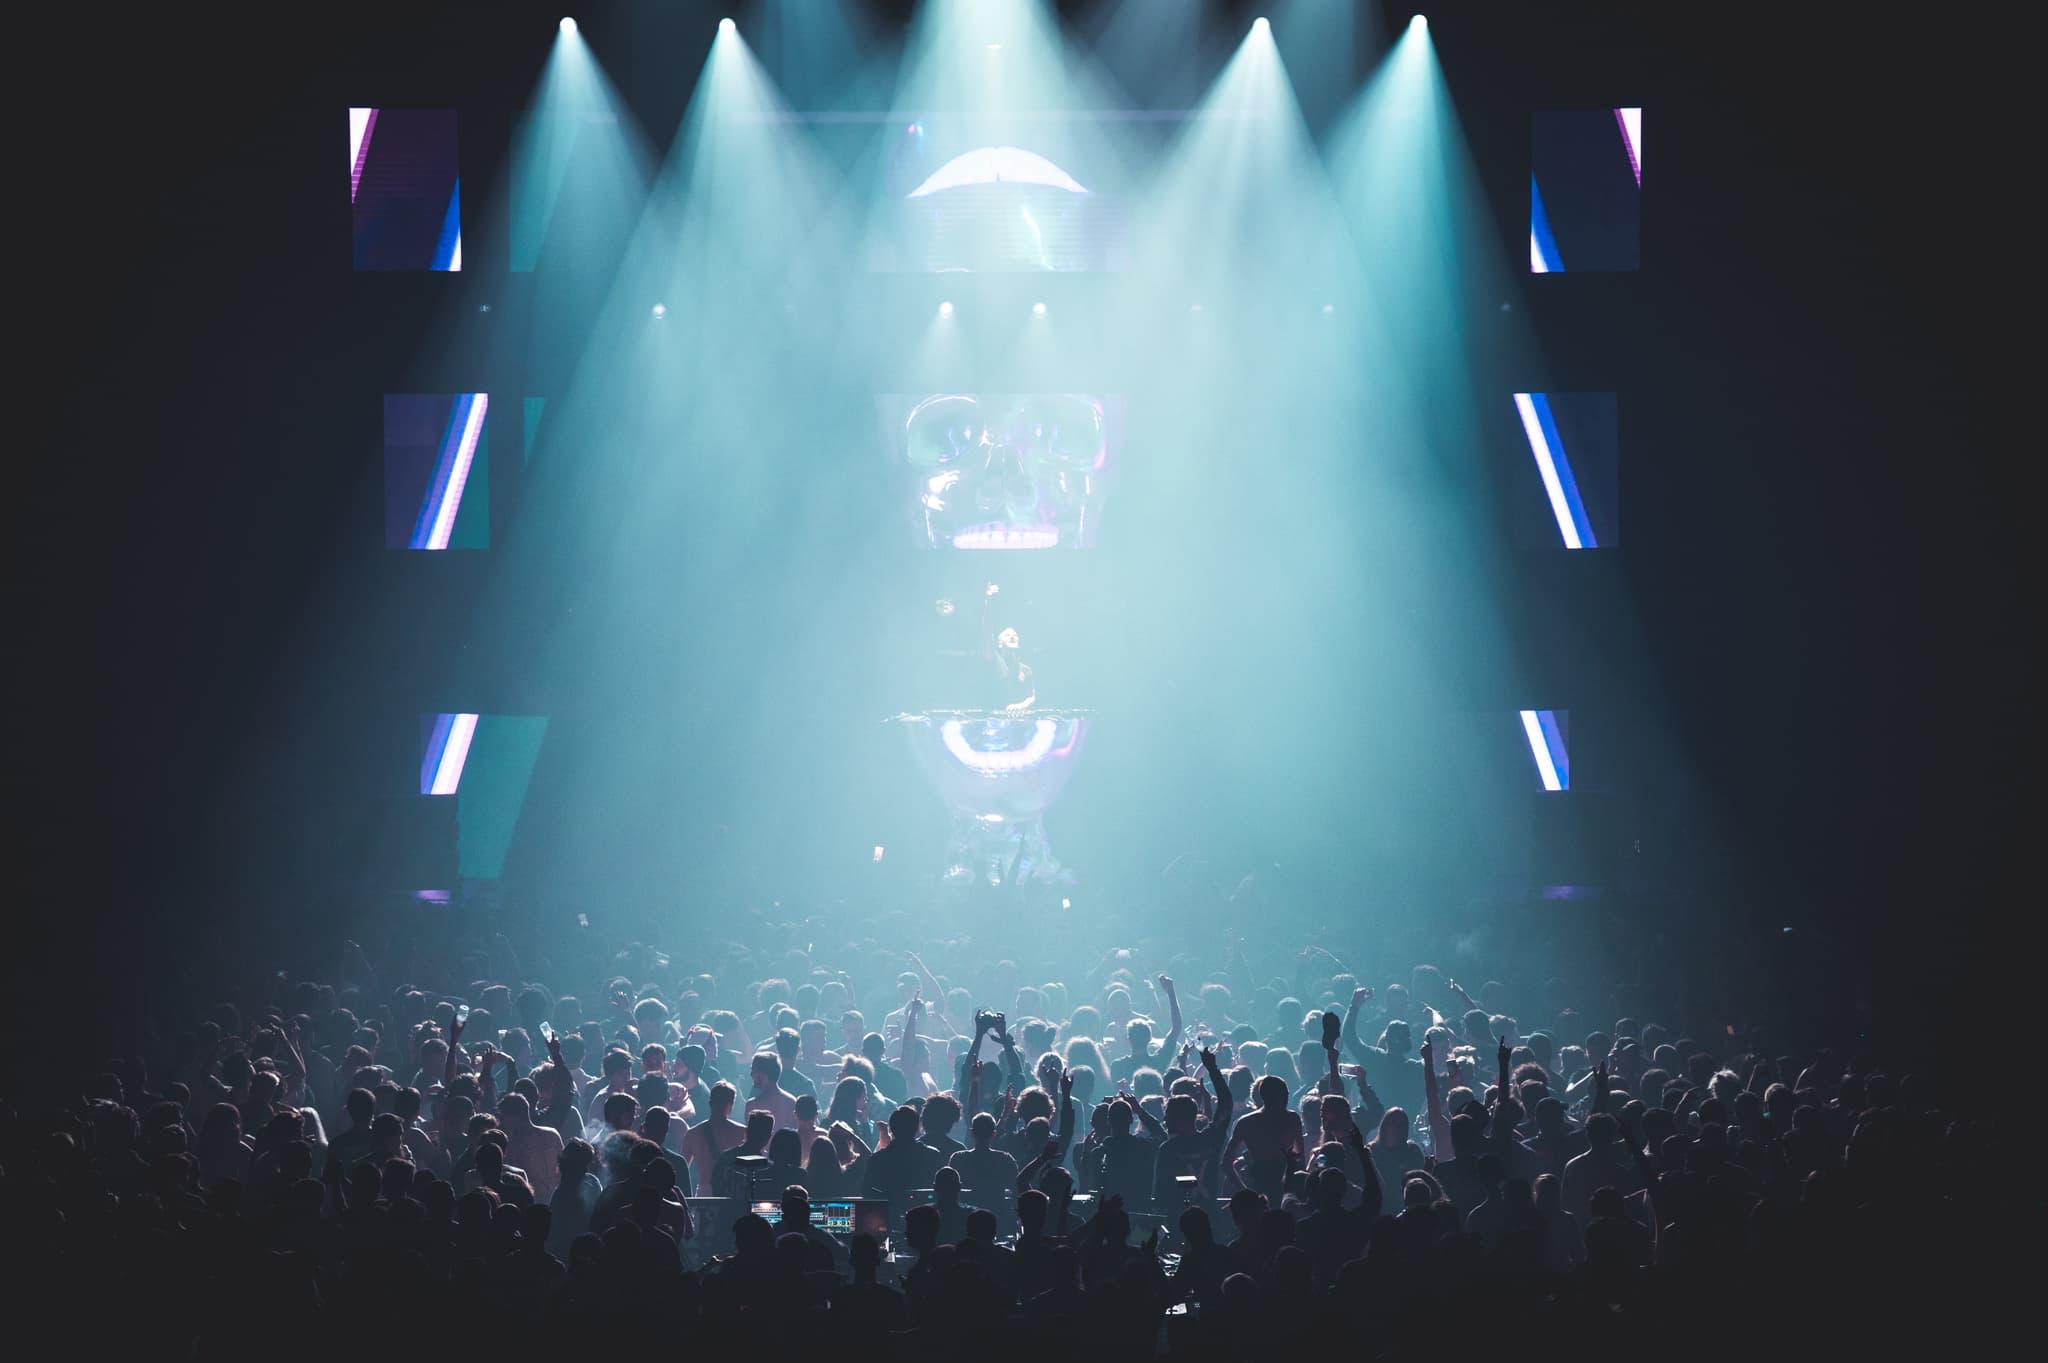 photographie événementiel event 193 records Ambassad Drop in Bass festival concert soirée underground Designatic Paris